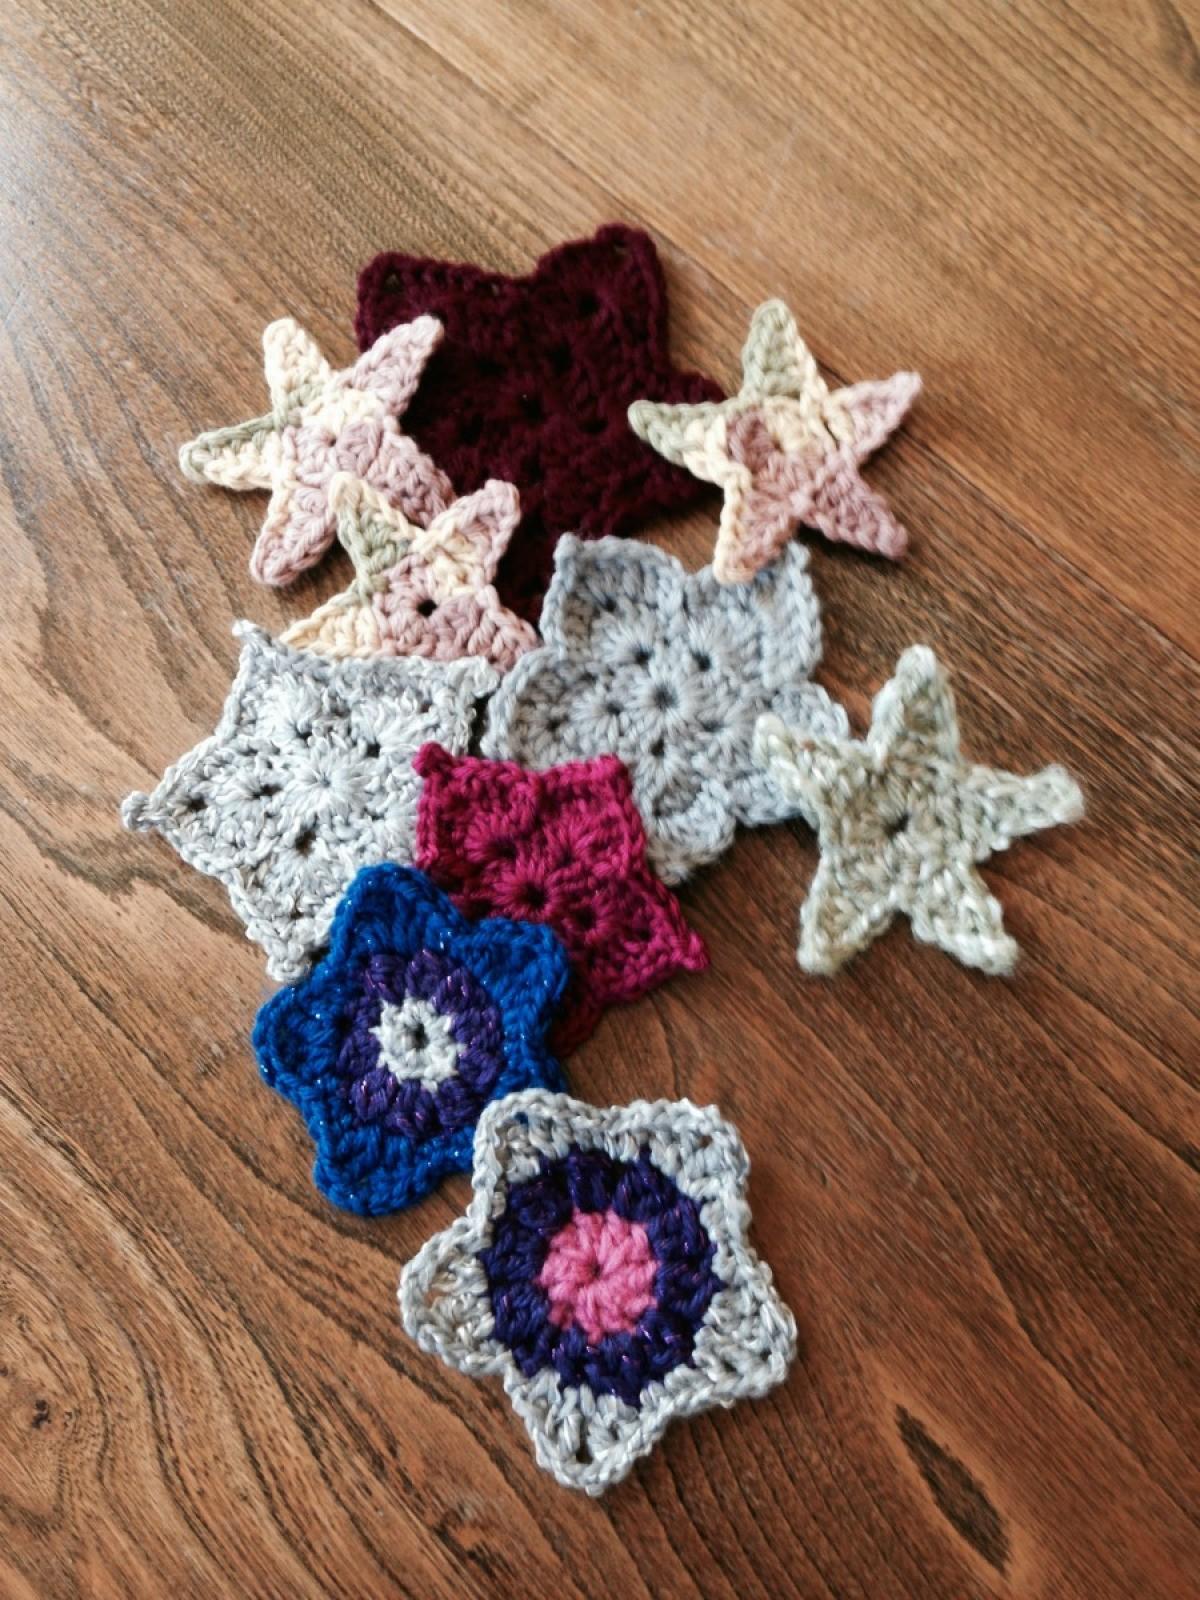 Making A 5 Point Crochet Star Thriftyfun